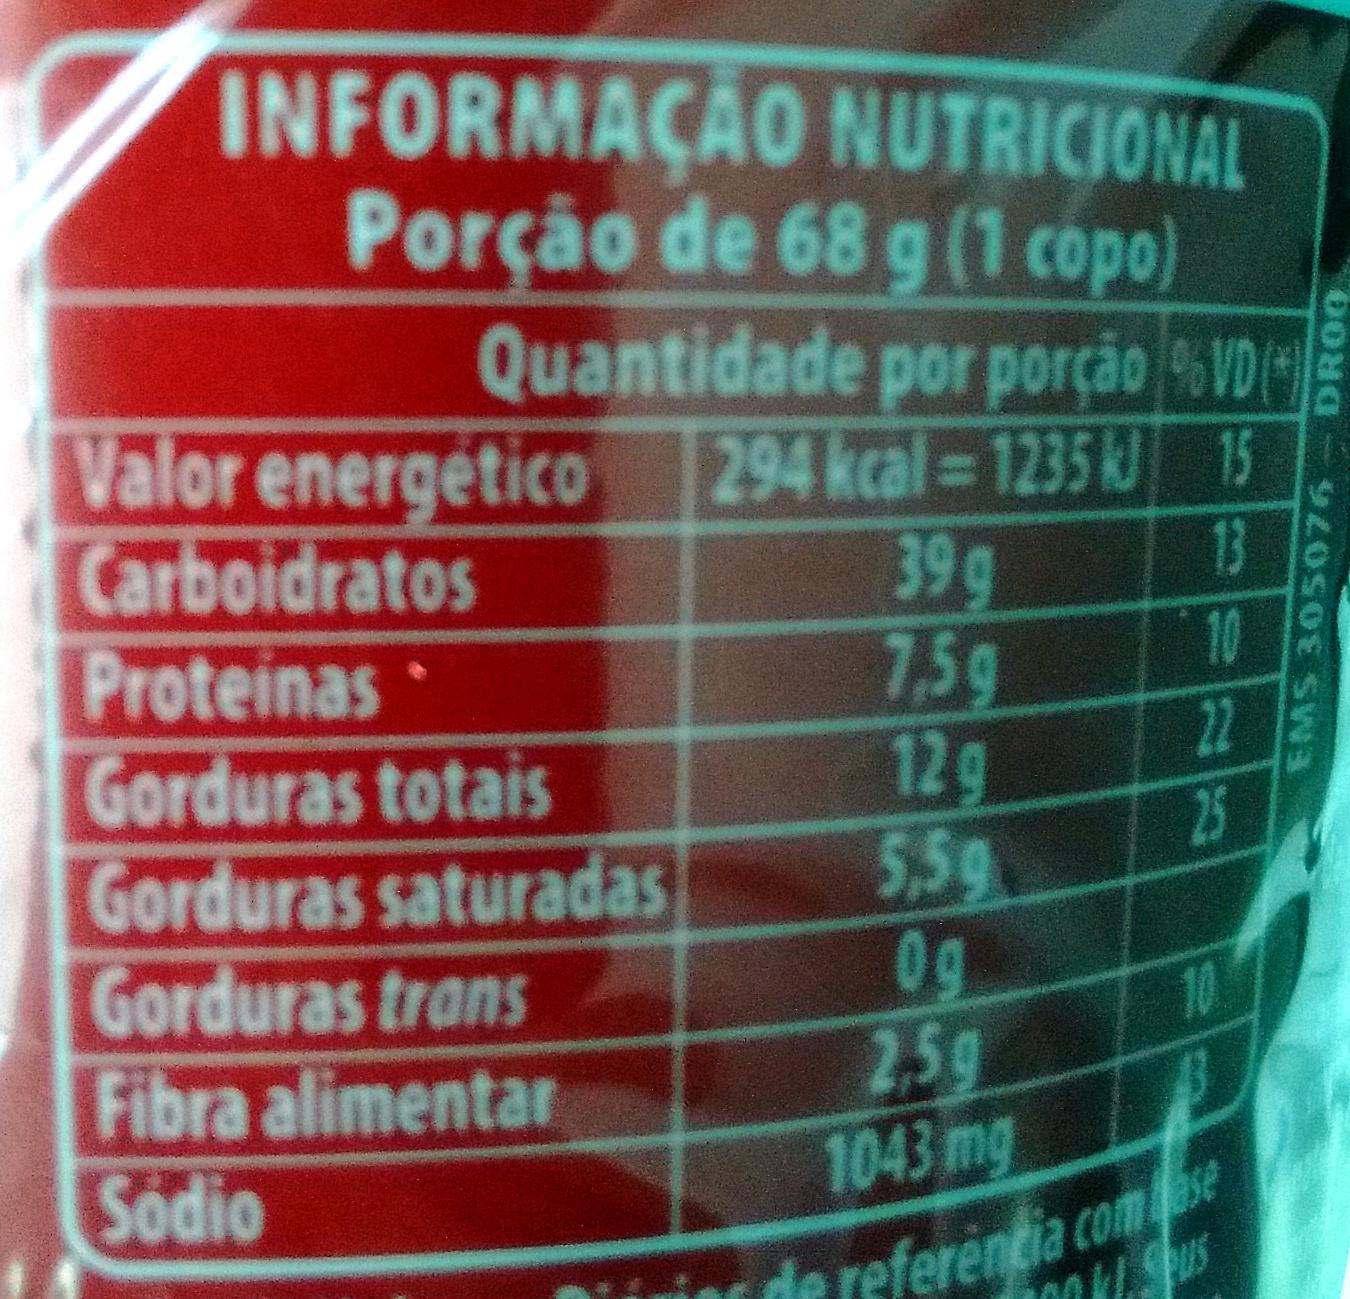 Cup Noodles Calabresa - Informação nutricional - pt